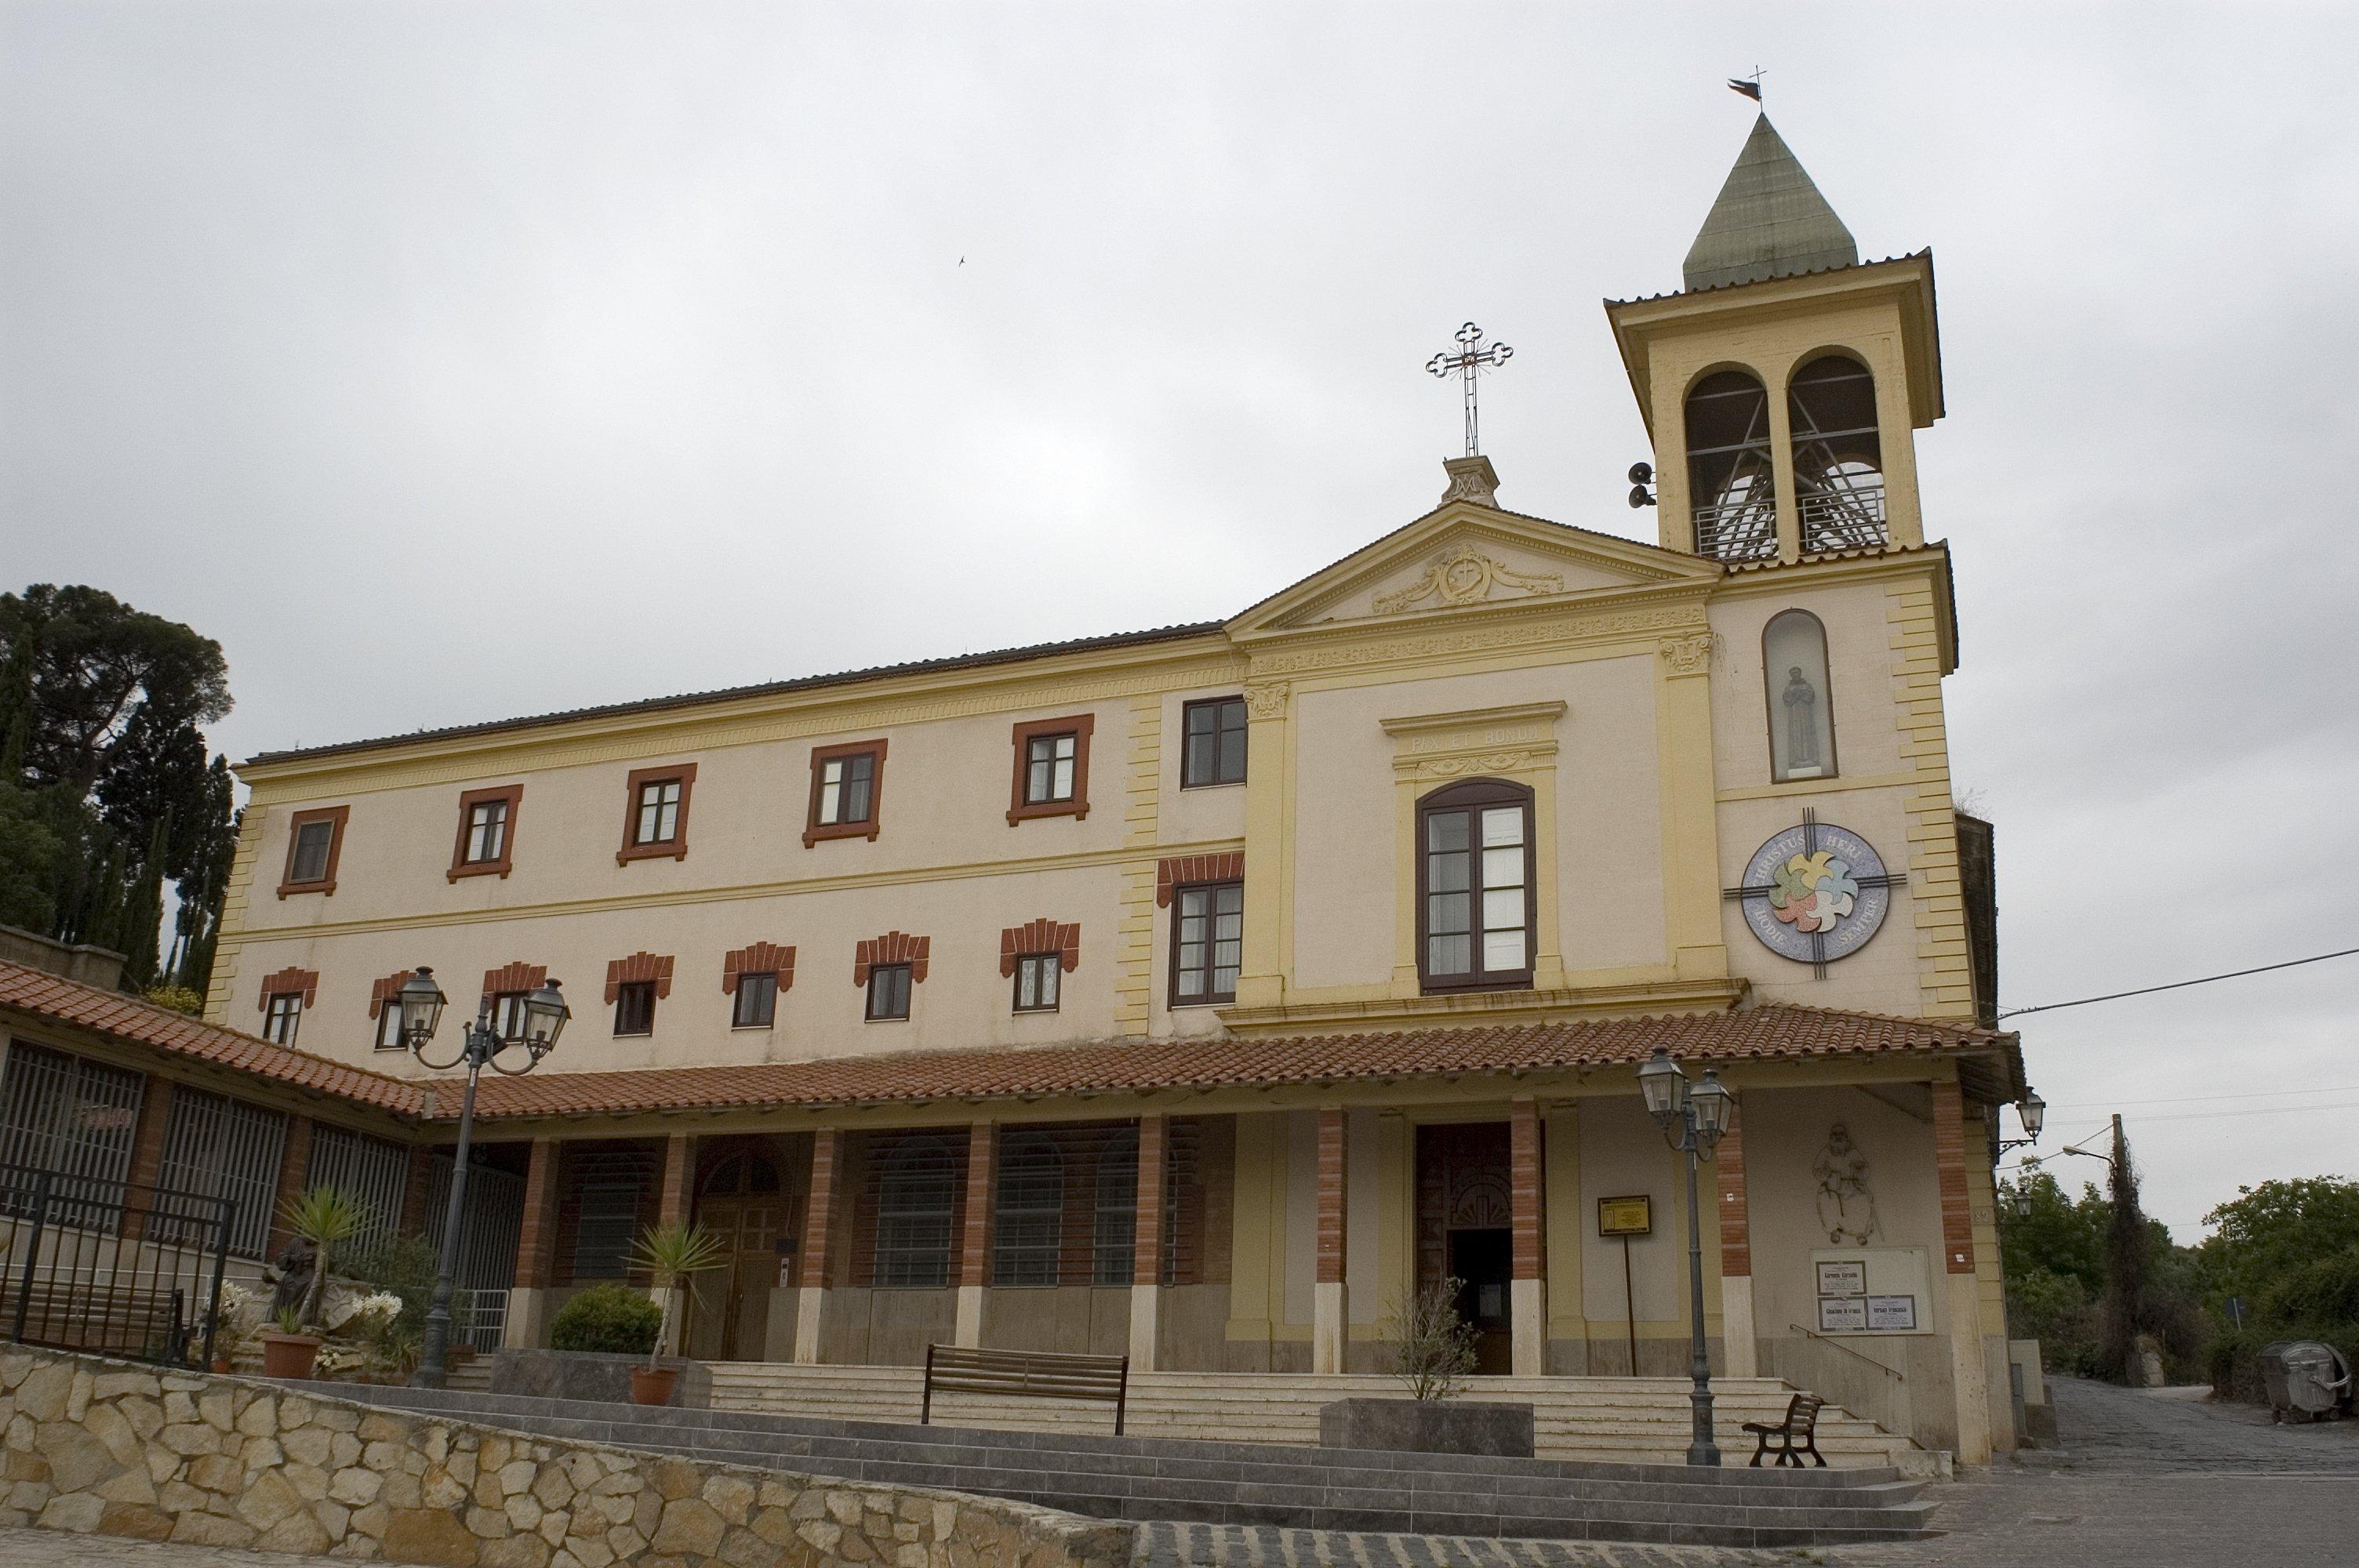 chiesa madonna della rocca a Canicatti'